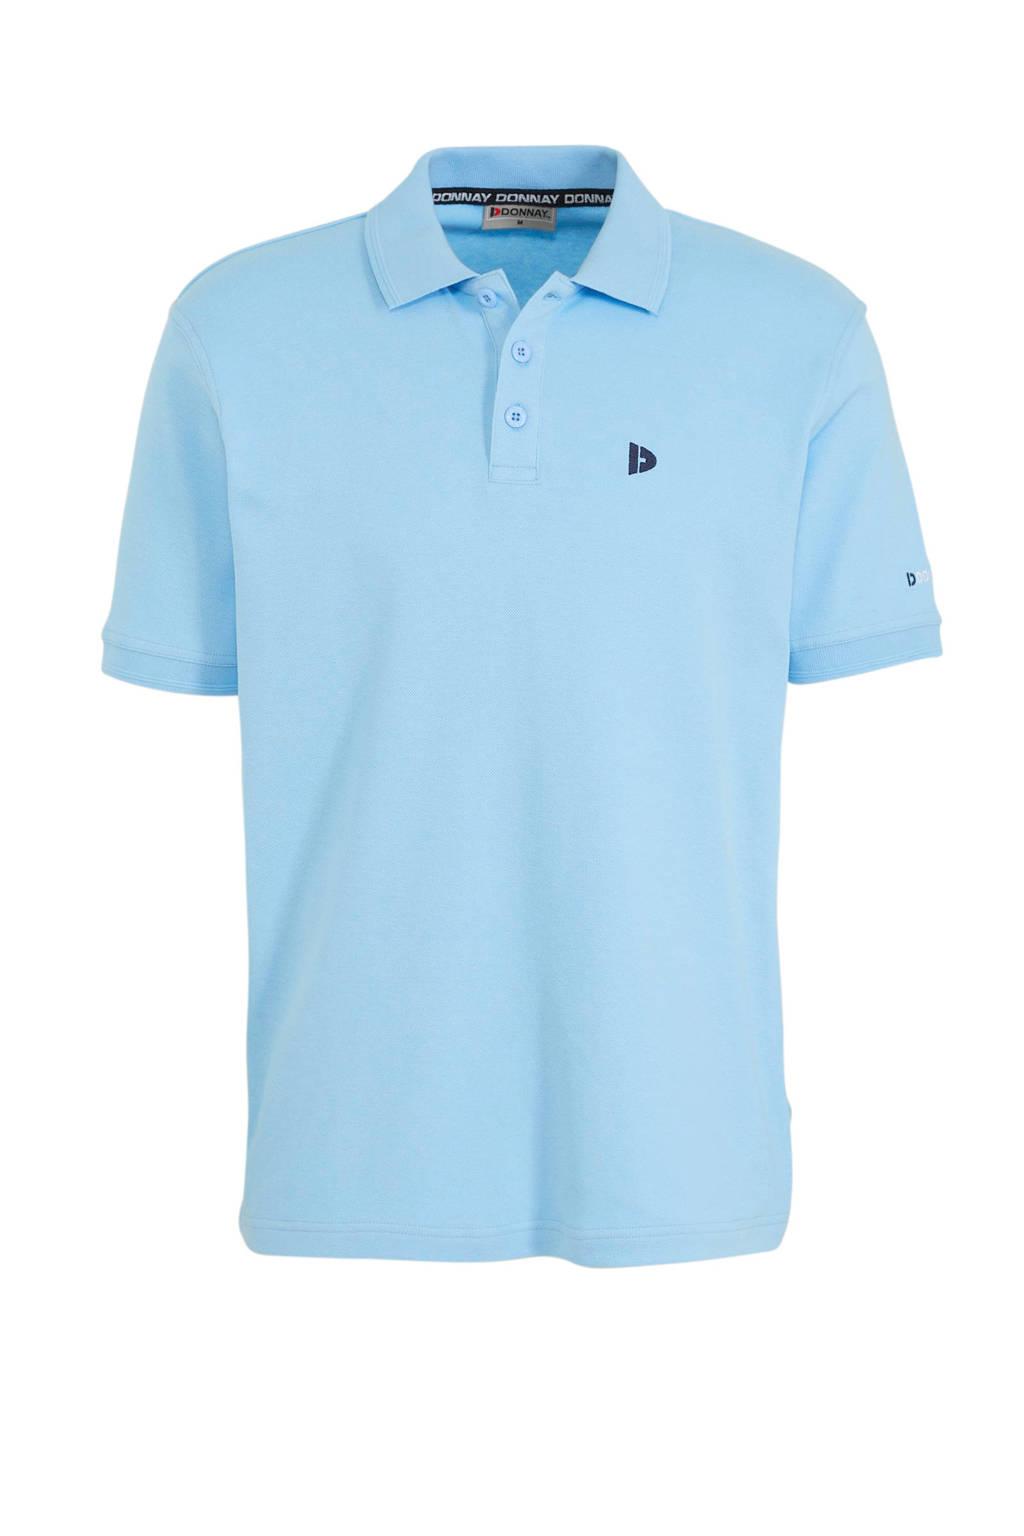 Donnay   sportpolo Noah lichtblauw, Lichtblauw